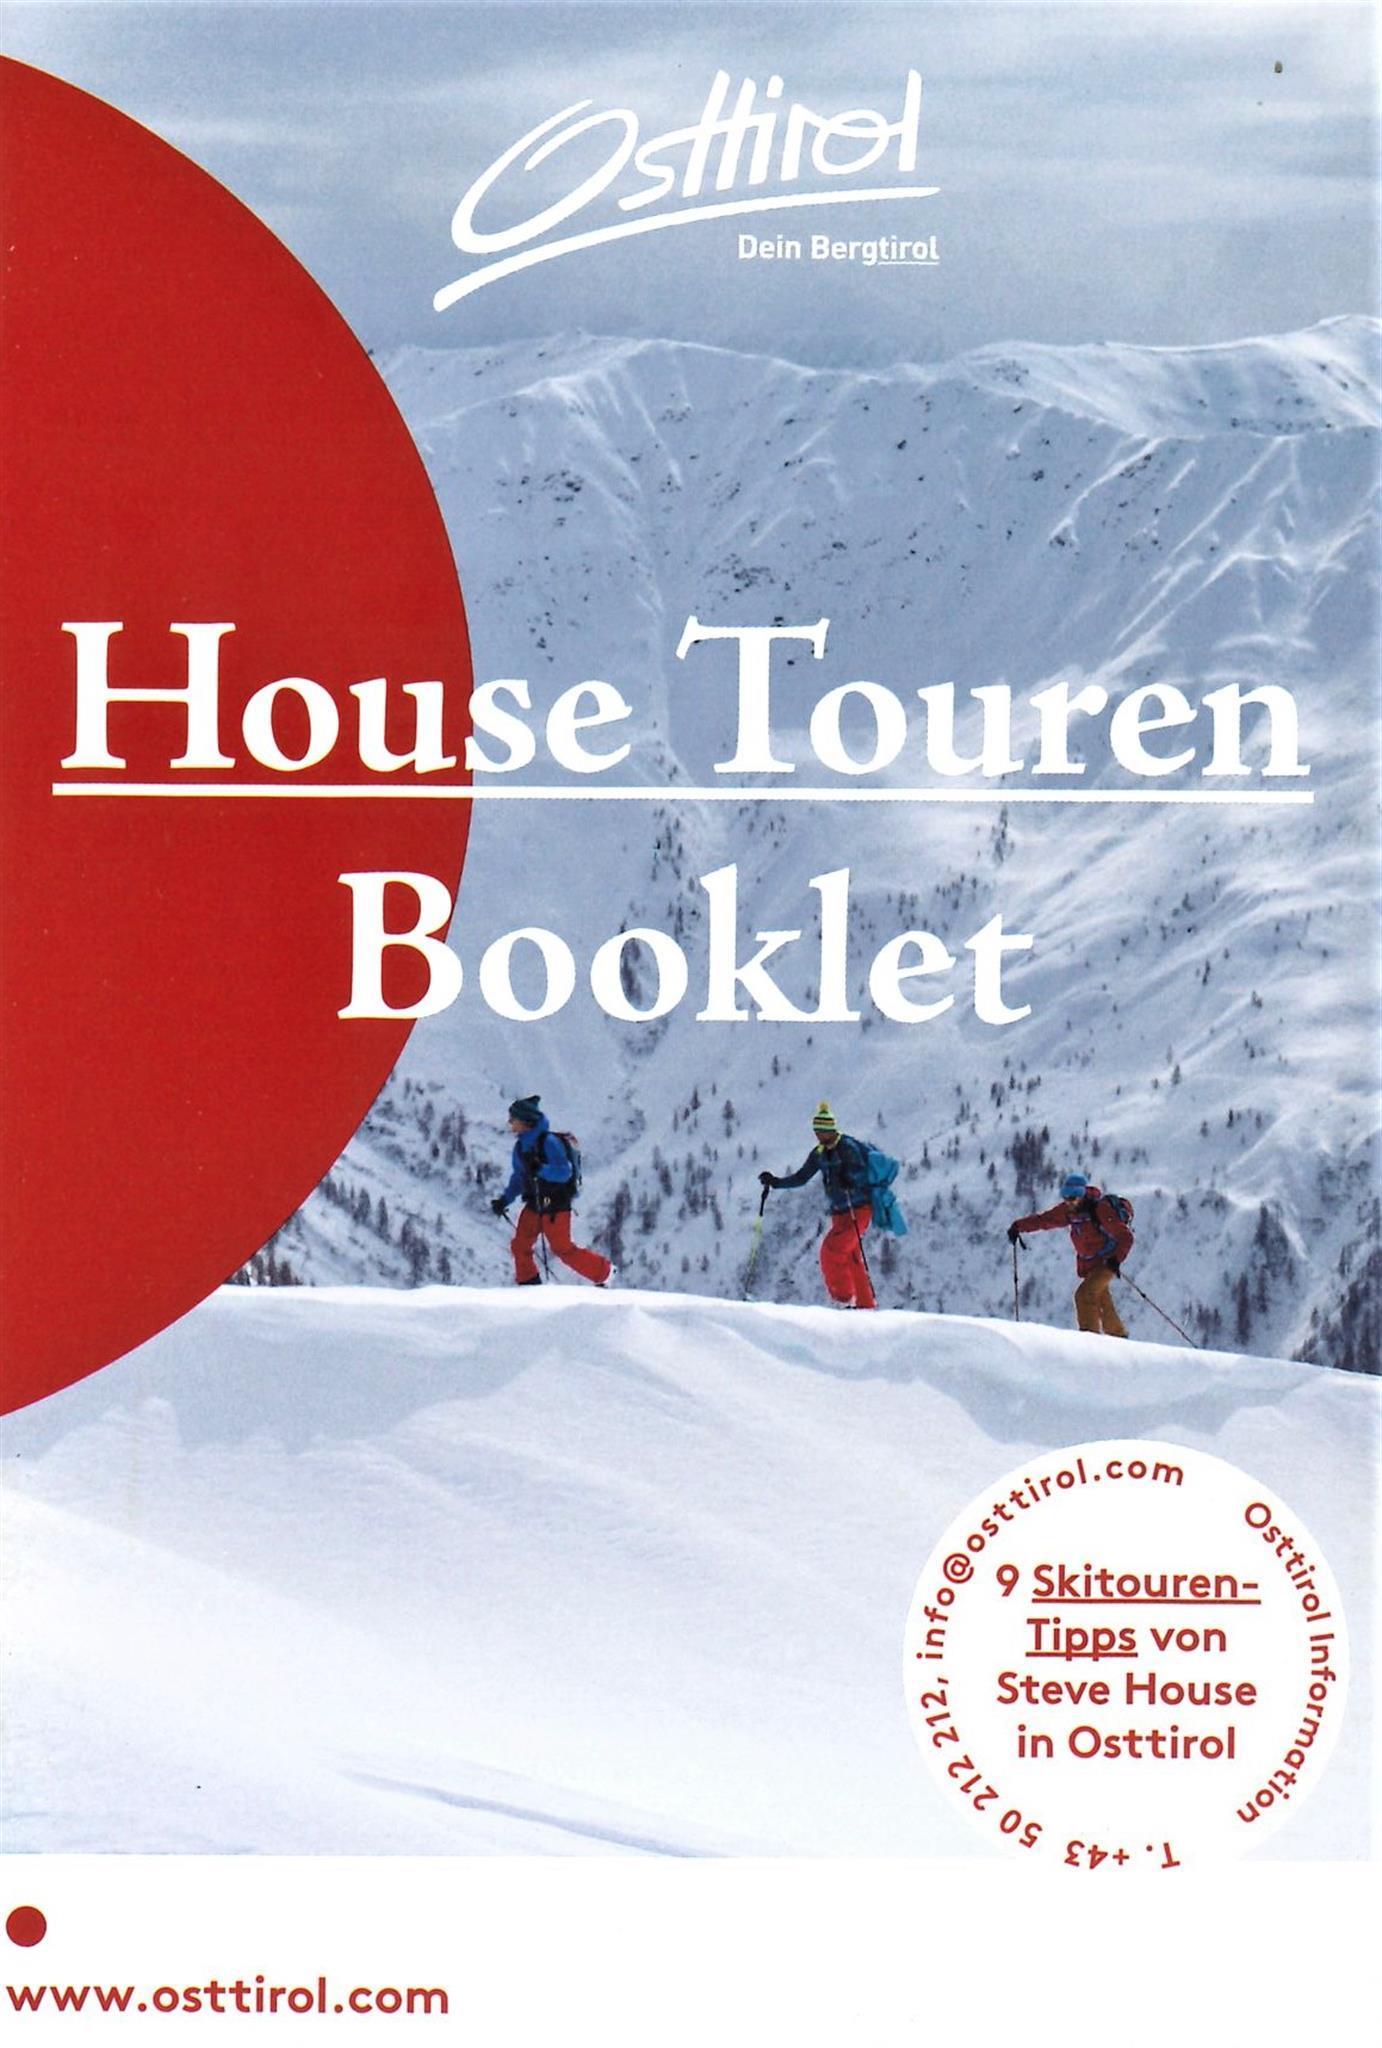 Skitourenbooklet.jpg